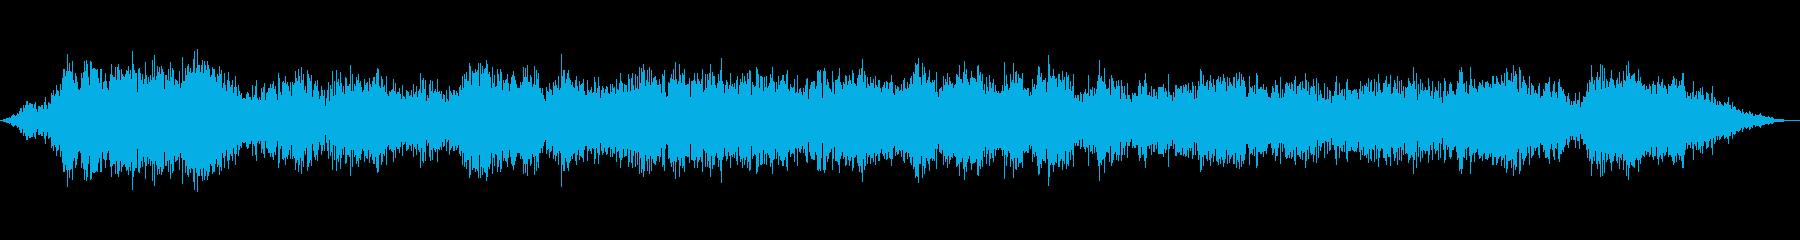 低音、クローズアップ、自然災害嵐と...の再生済みの波形